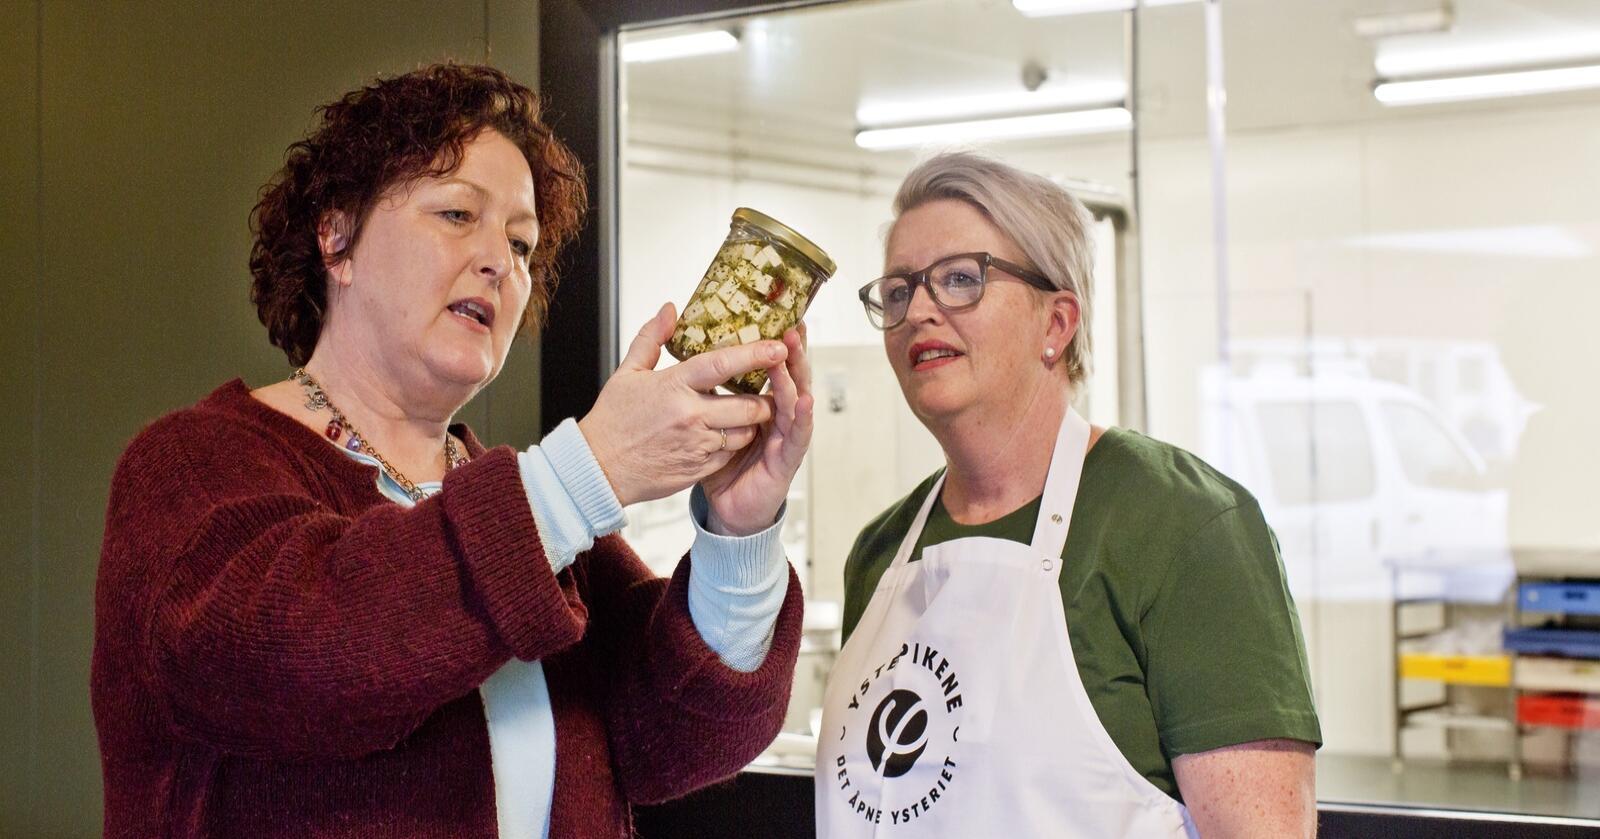 Heidi Netland Berge har vært rådgiver for flere av bøndene som starter opp egen produksjon. Her sammen med Siri Rasmussen Lea fra Ystepikene. Foto: Solfrid Sande